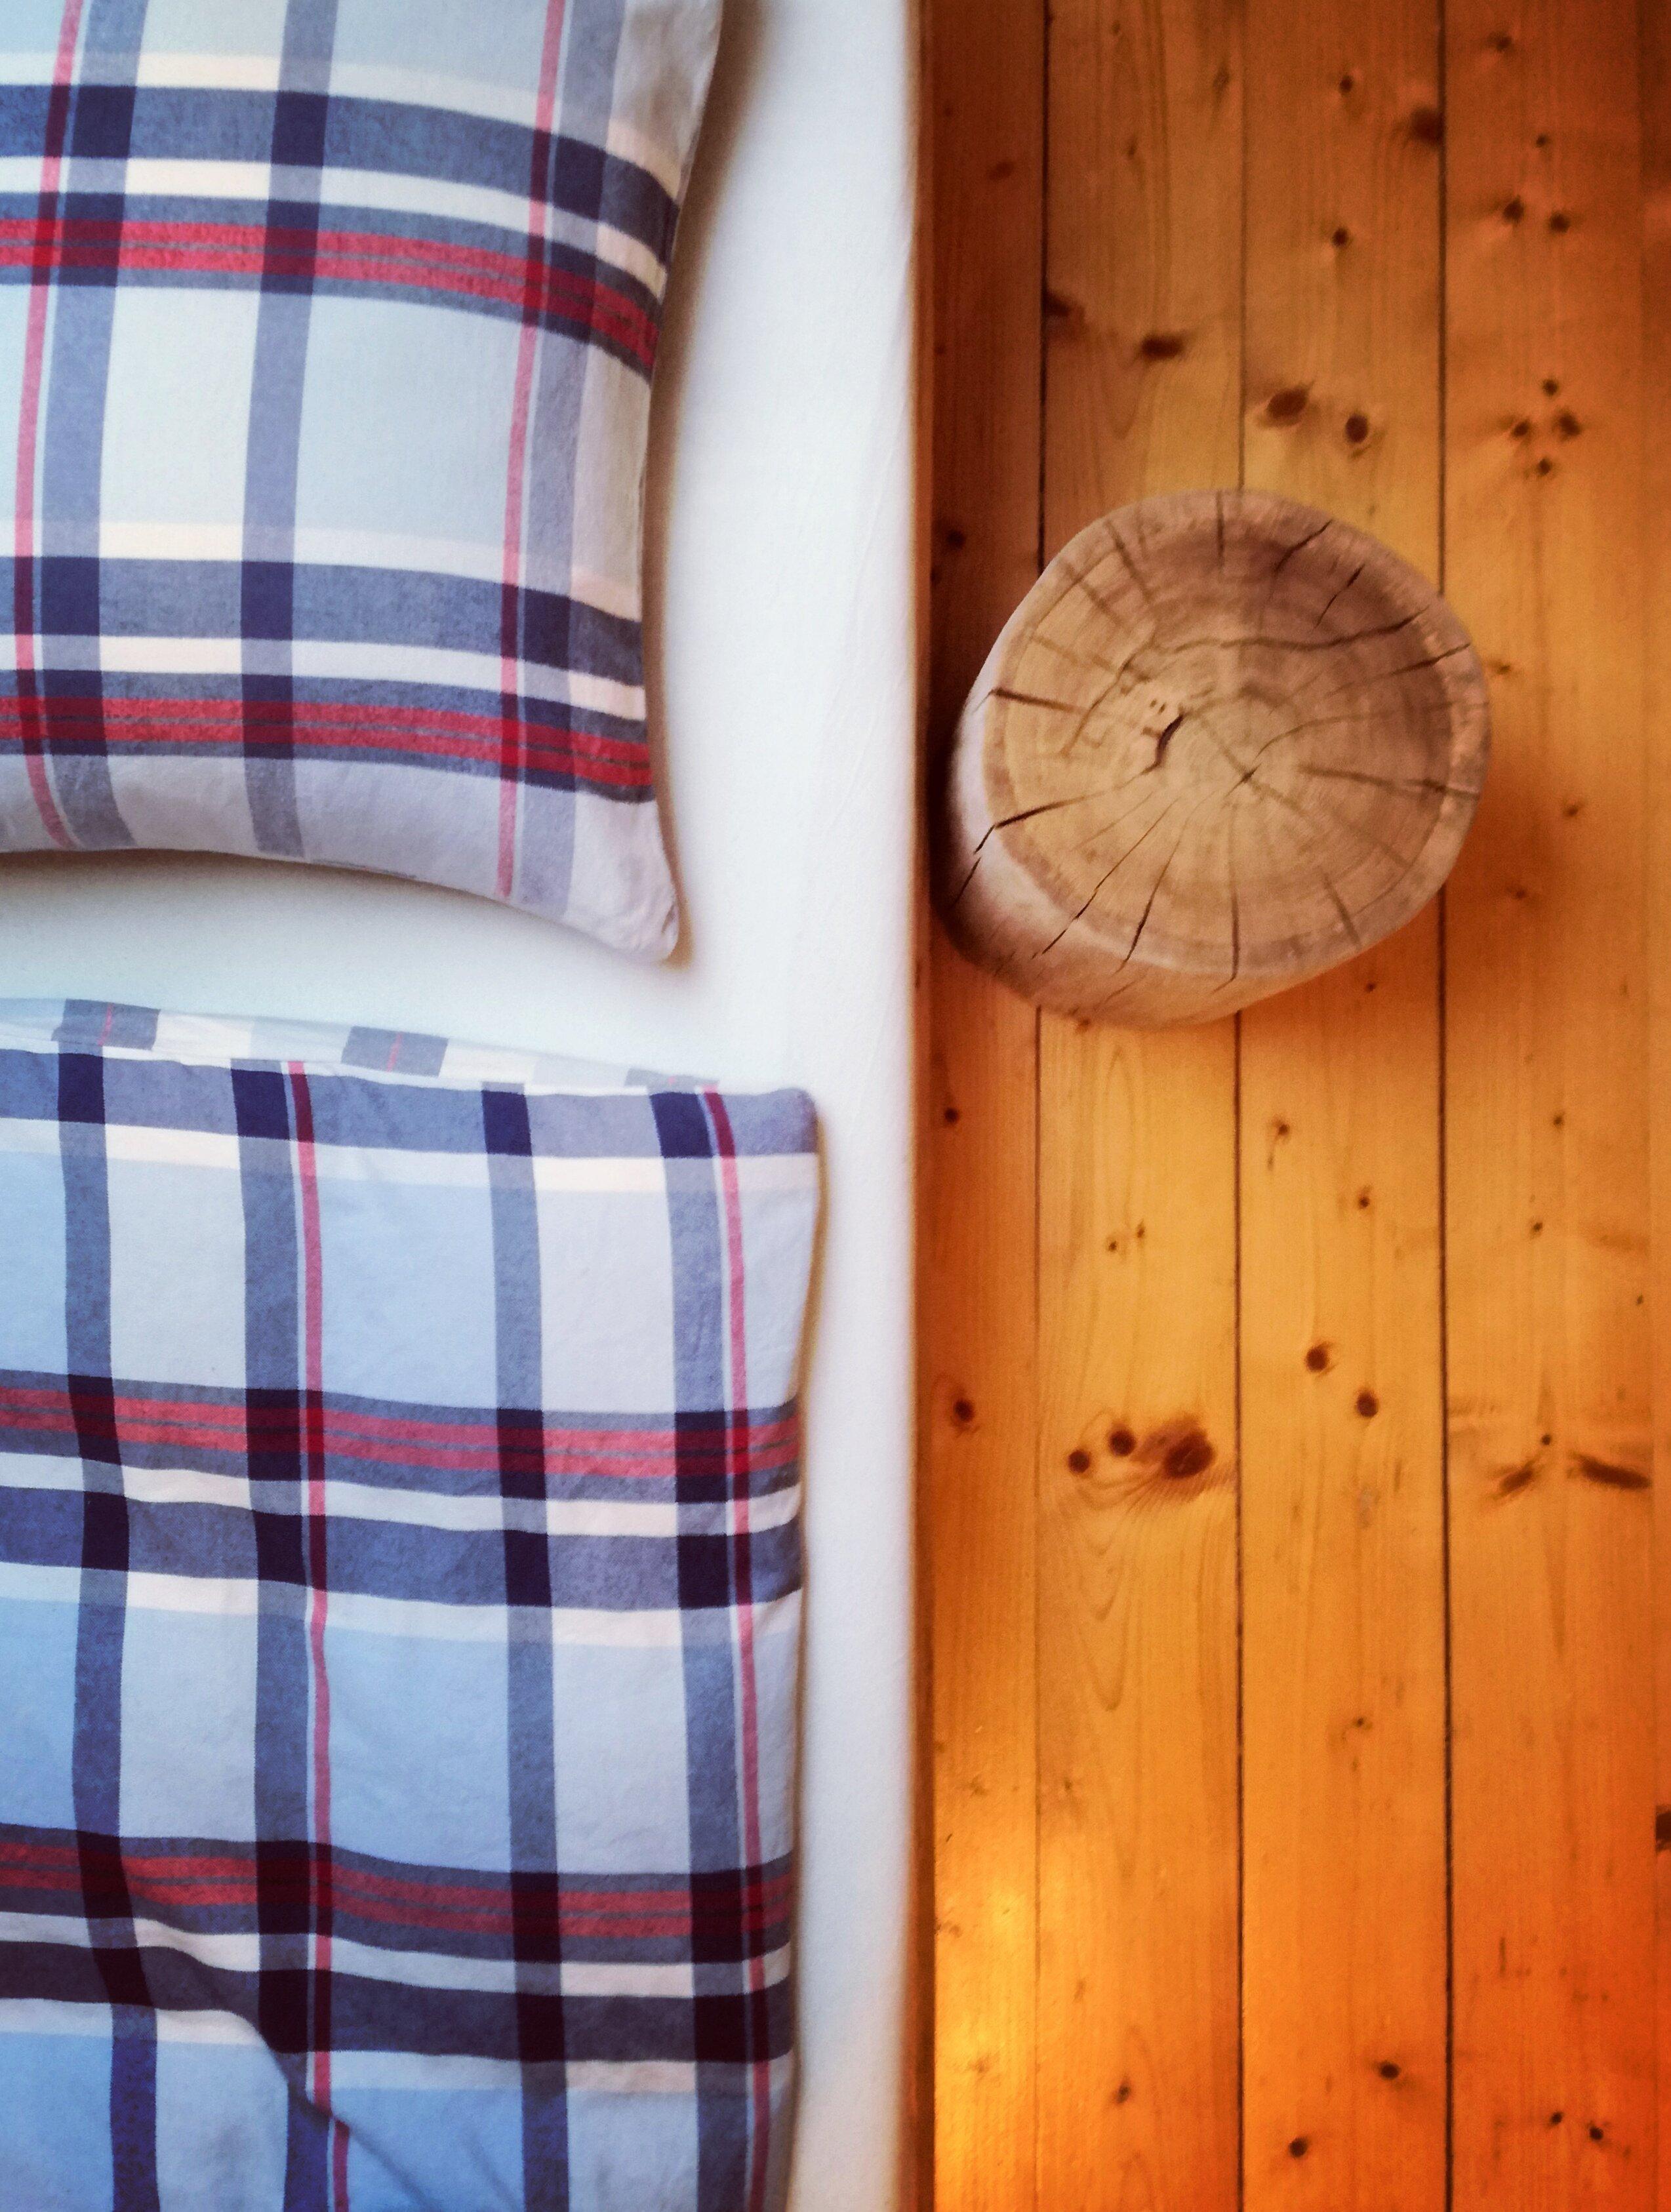 Na začátku všeho byla láska ke dřevu. Touha tvořit z oblíbeného materiálu a radost z prvních výrobků přivedly Vladislava Pince, zakladatele projektu Špalekdomu.cz, k té chvíli, kdy se z koníčku stane něco, co vás nadchne i pohltí.